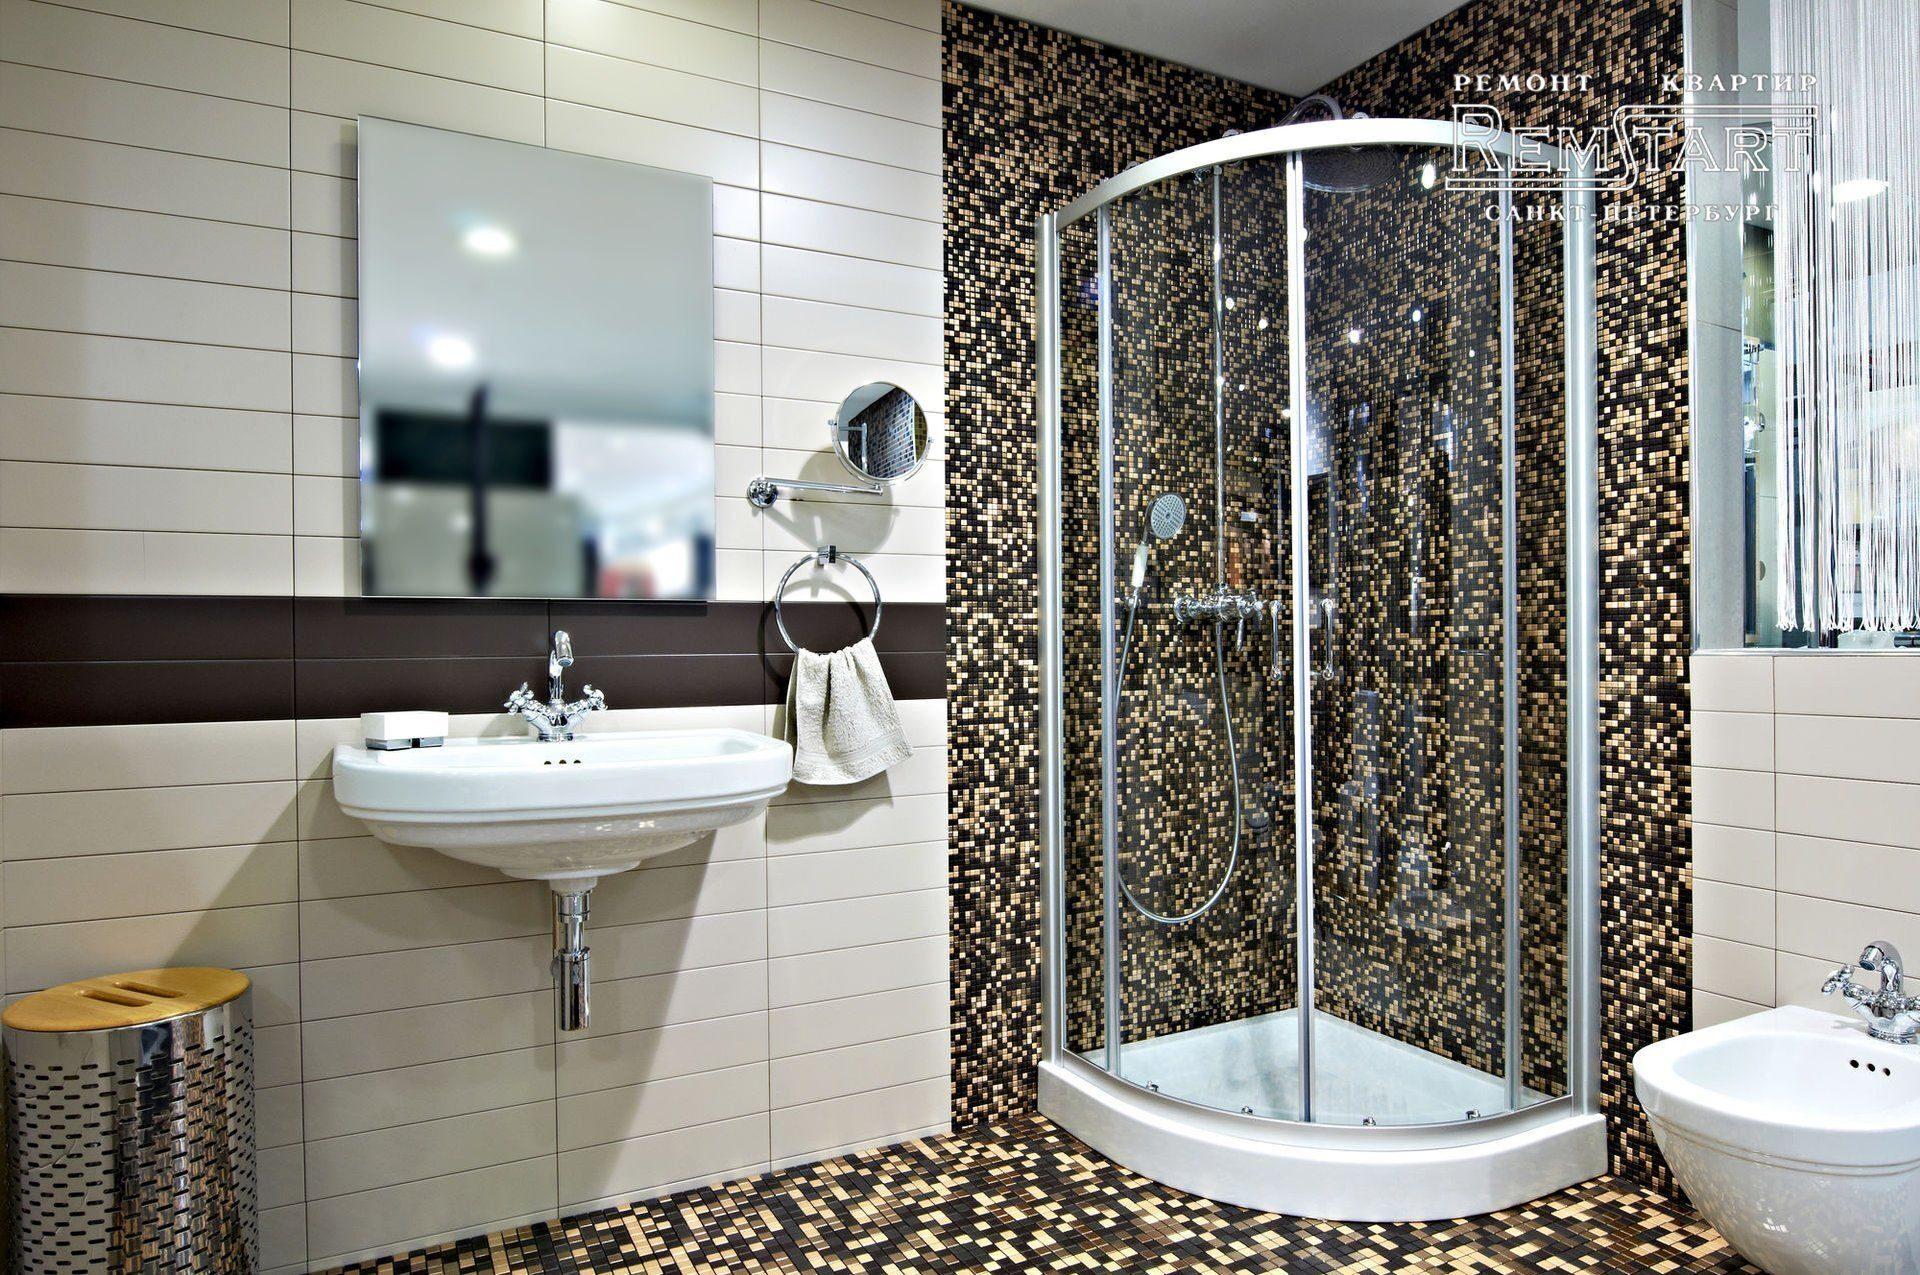 Дизайн плитки в ванной комнате с душевой кабиной